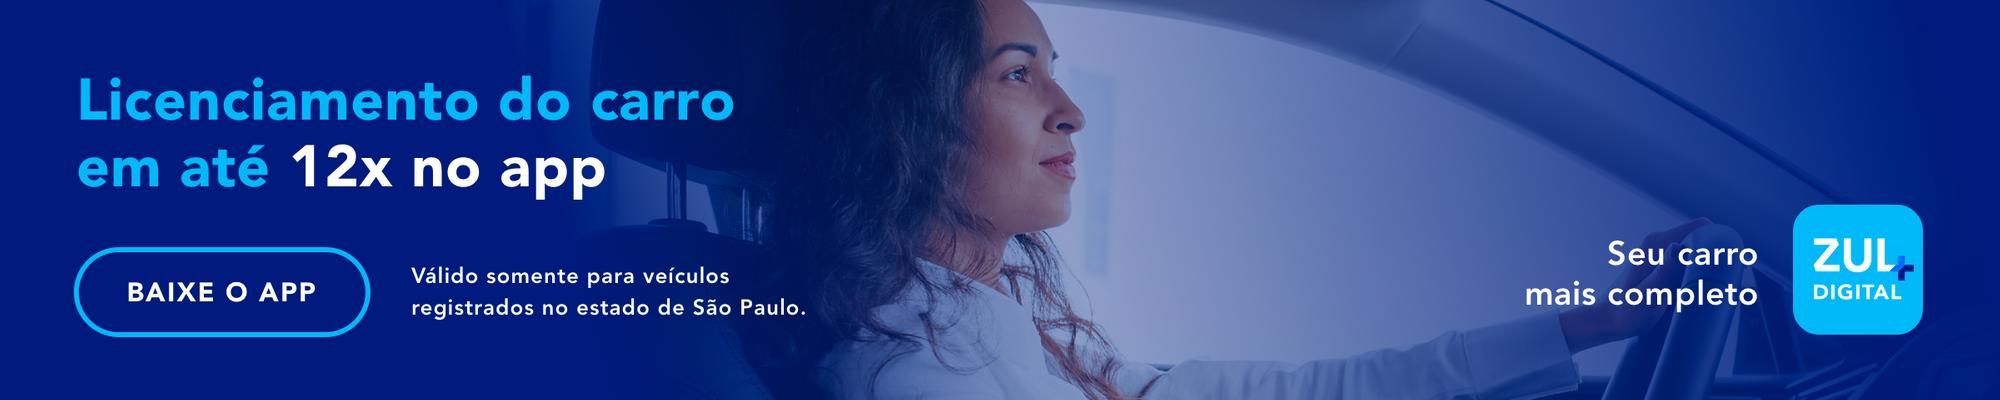 banner mulher dirigindo e sorrindo Licenciamento do carro em até 12x no app